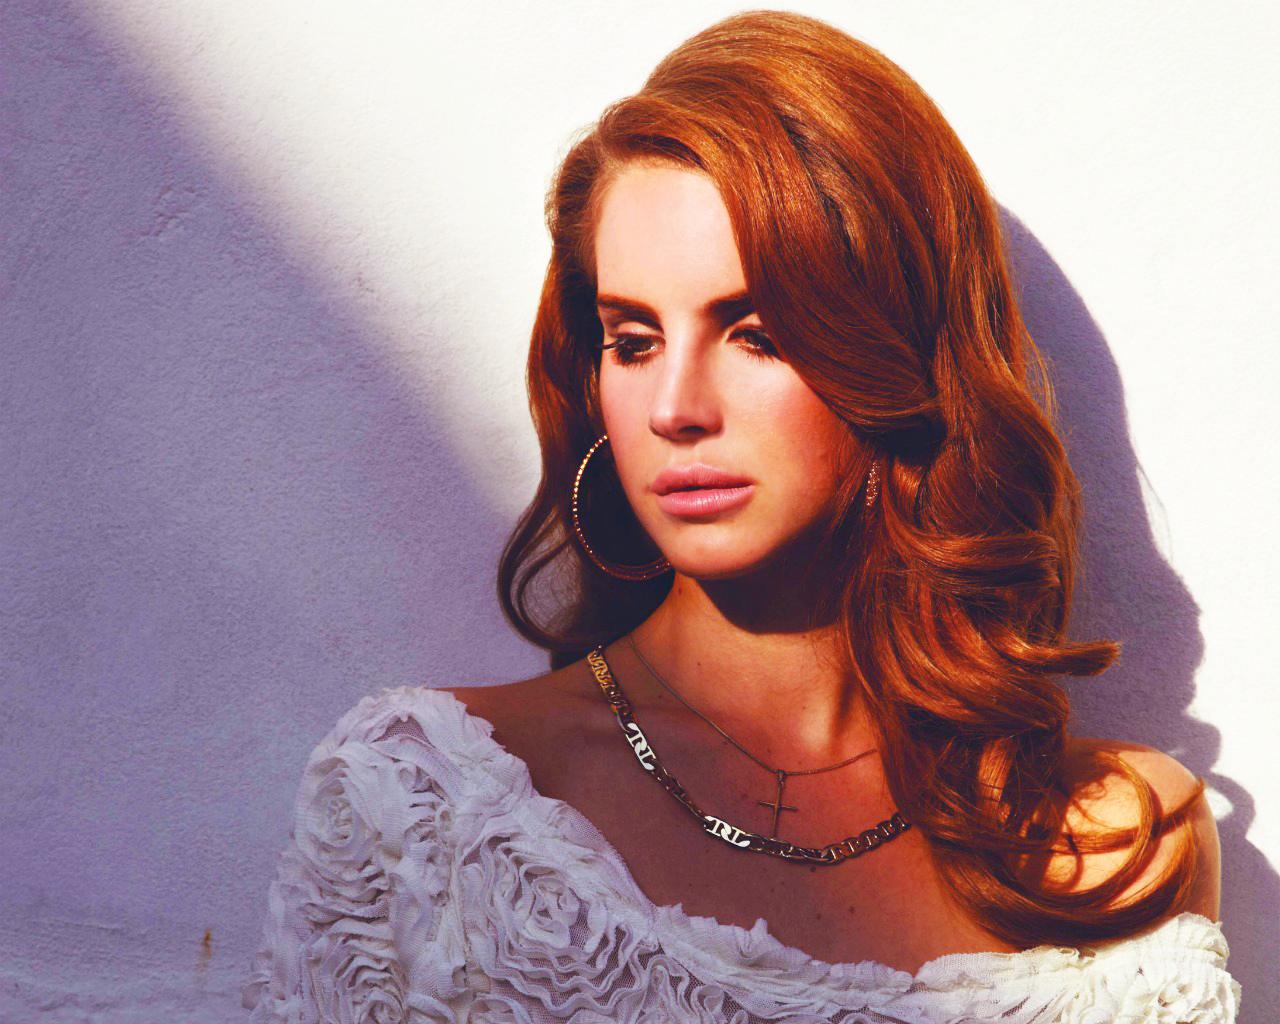 Dan Auerbach mixes Lana Del Rey